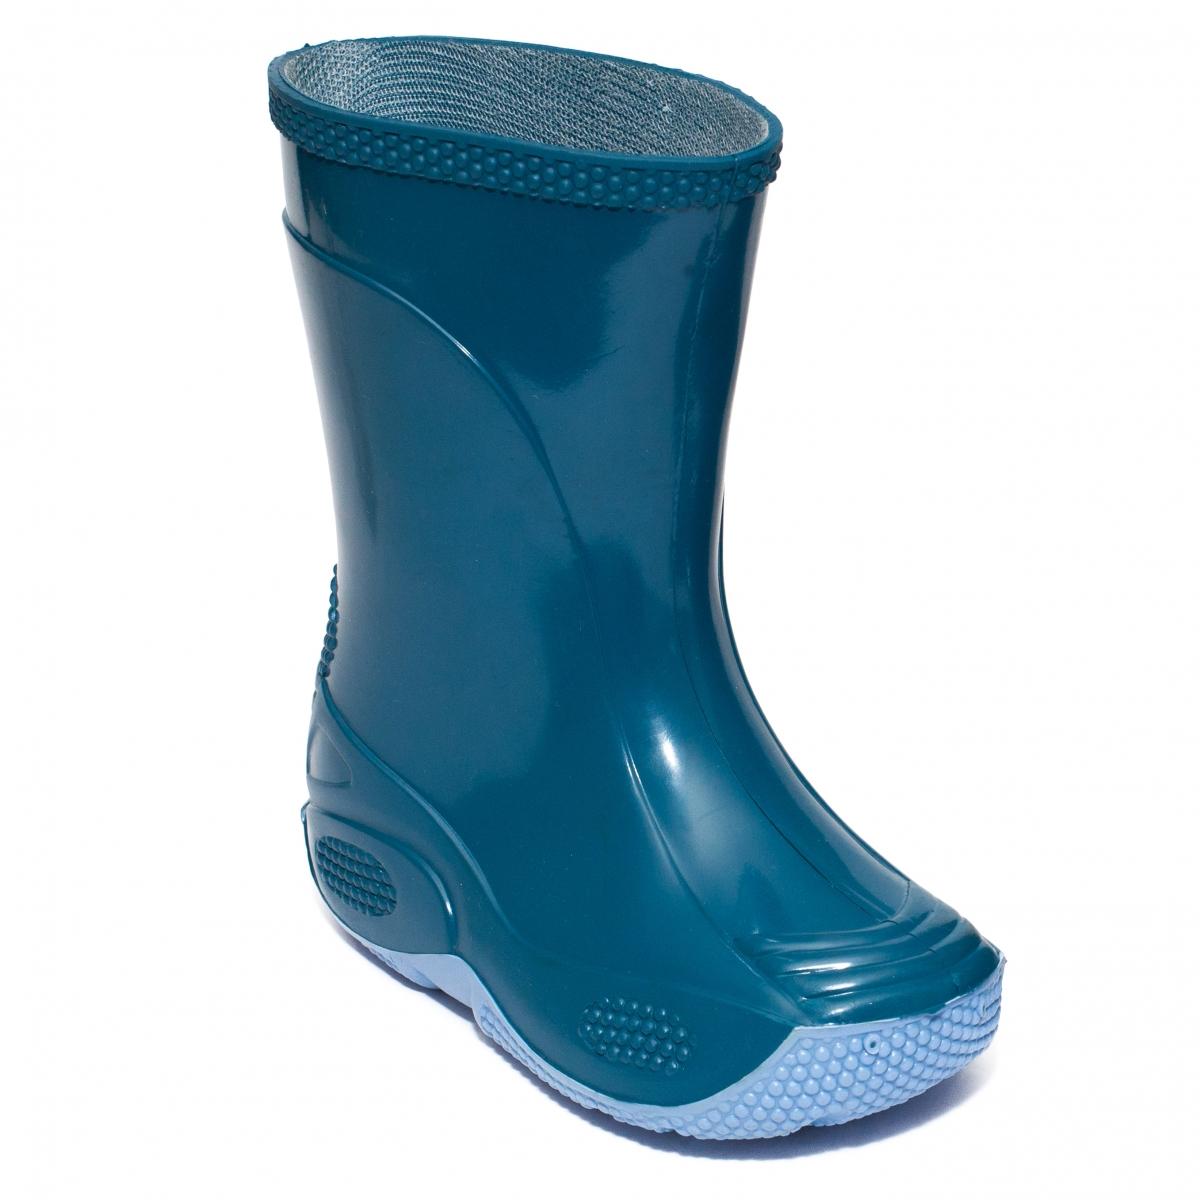 Cizme copii de ploaie din cauciuc 2 blu petrol 20-35